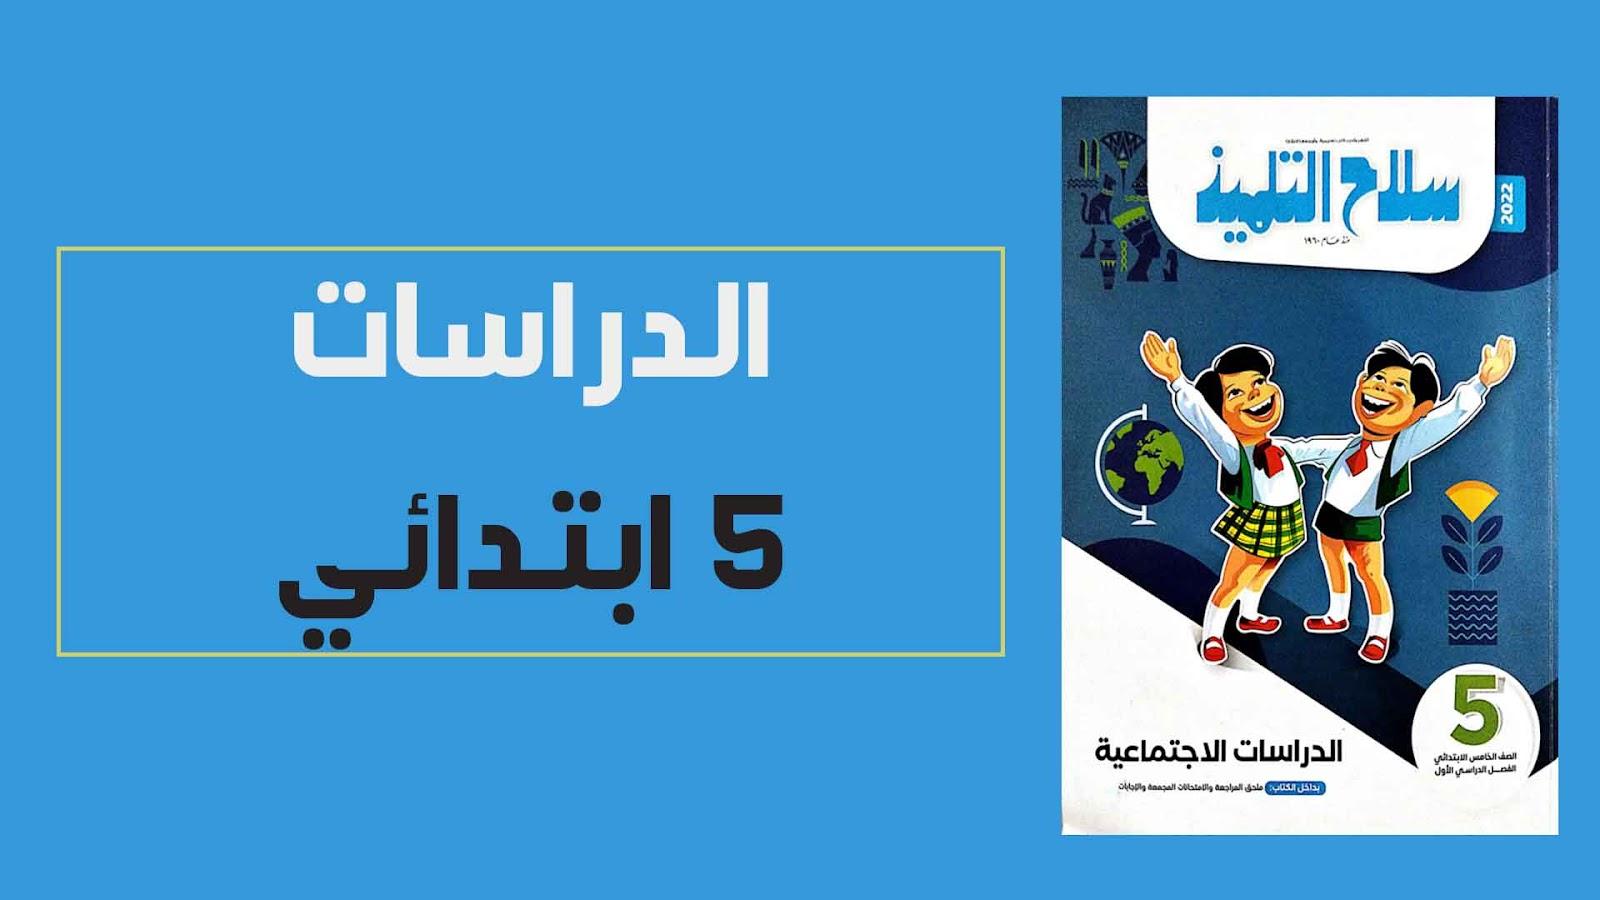 تحميل كتاب سلاح التلميذ دراسات اجتماعية الصف الخامس الابتدائى الترم الاول النسخة الجديدة 2022 pdf (الكتاب كامل)